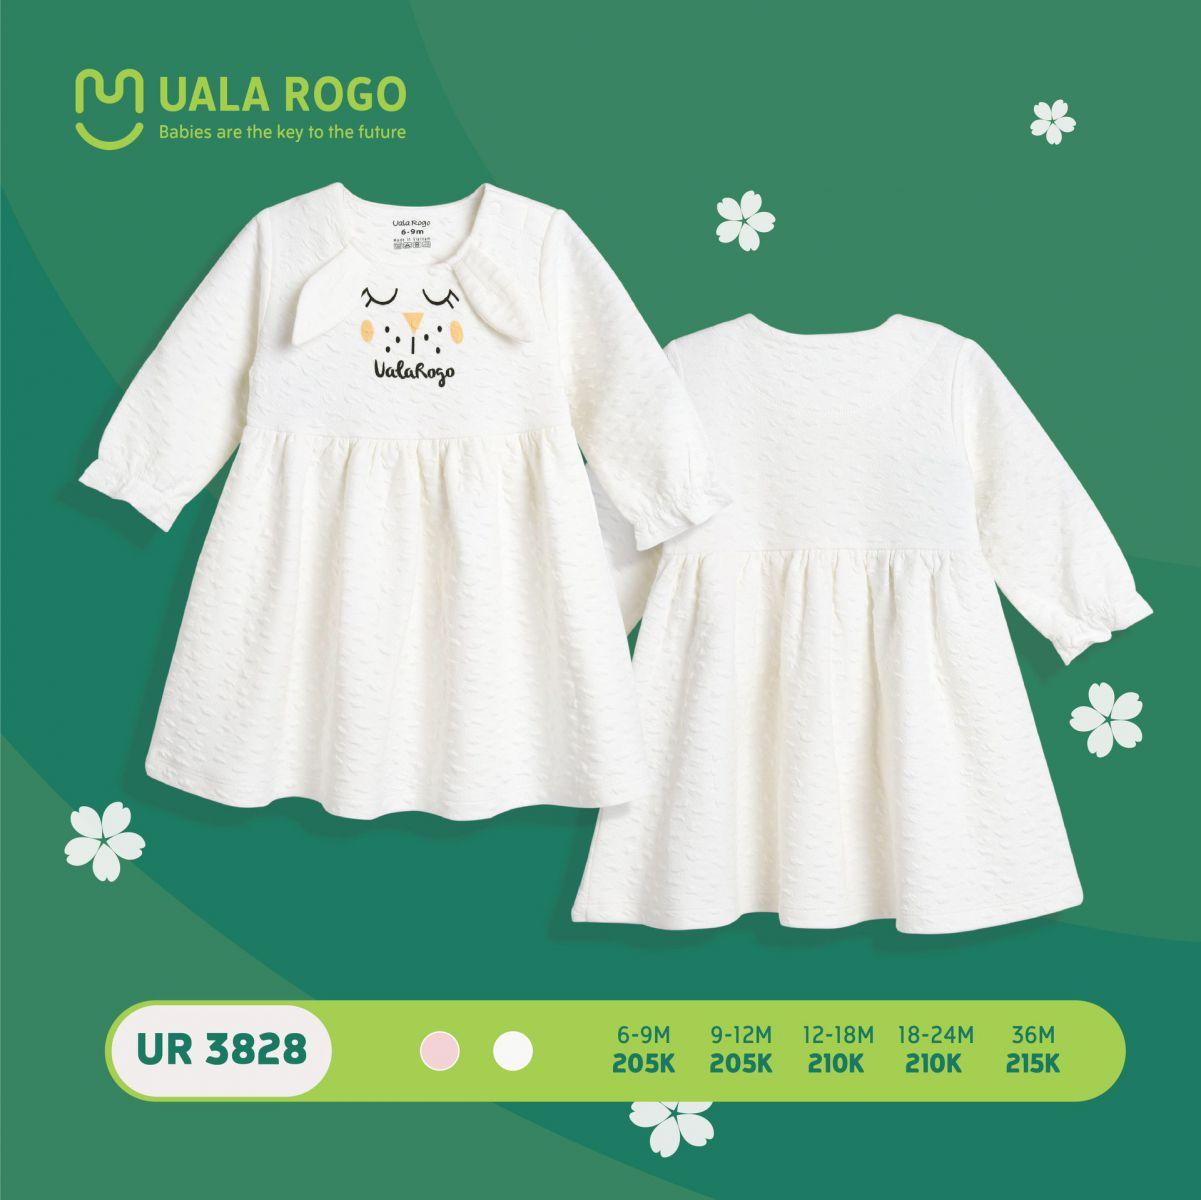 UR3828.1 - Váy đầm vải nỉ Uala Rogo màu trắng